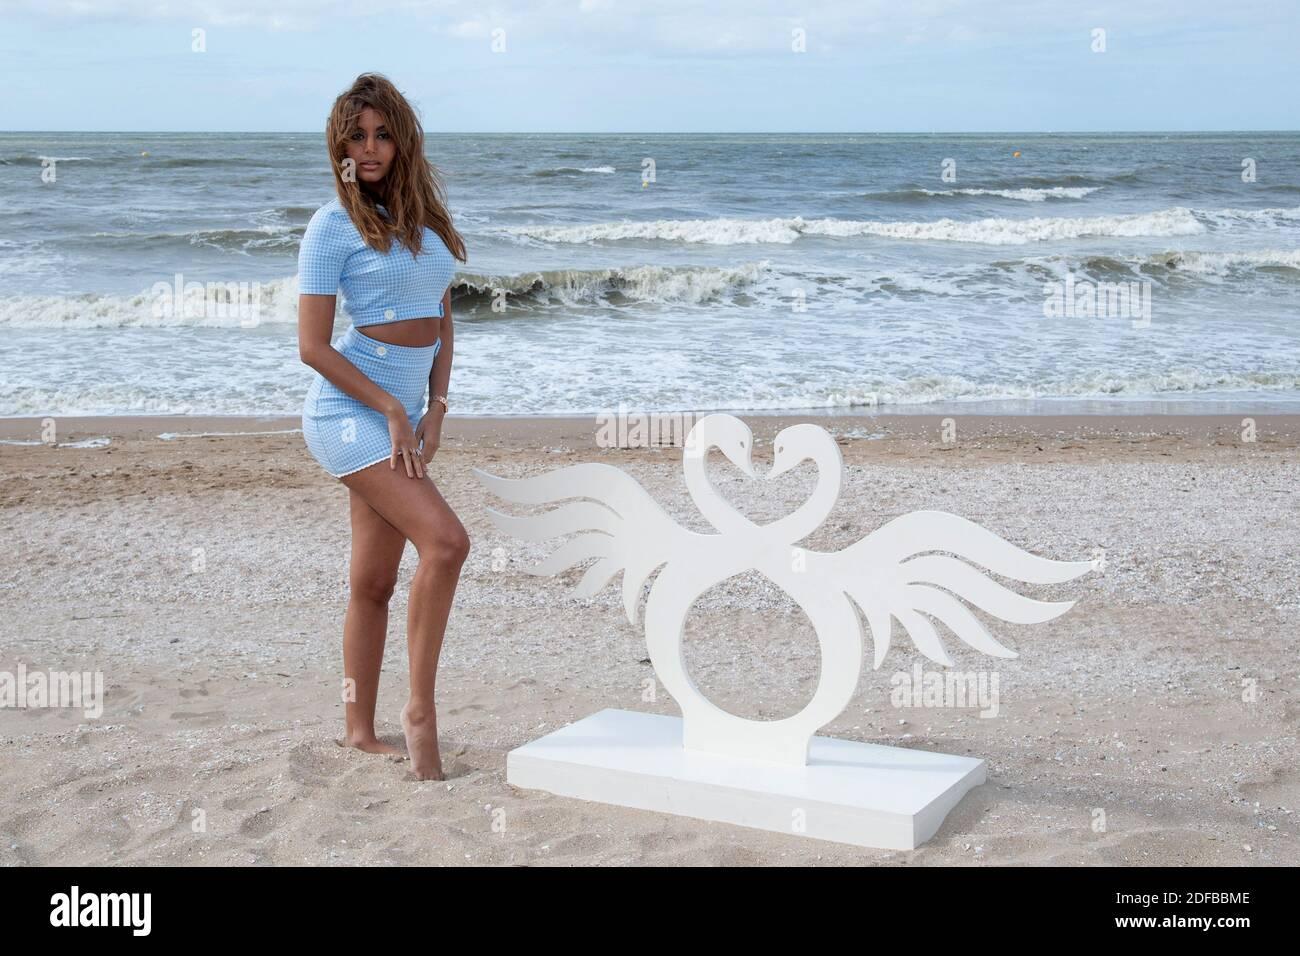 Zahia dehar beach